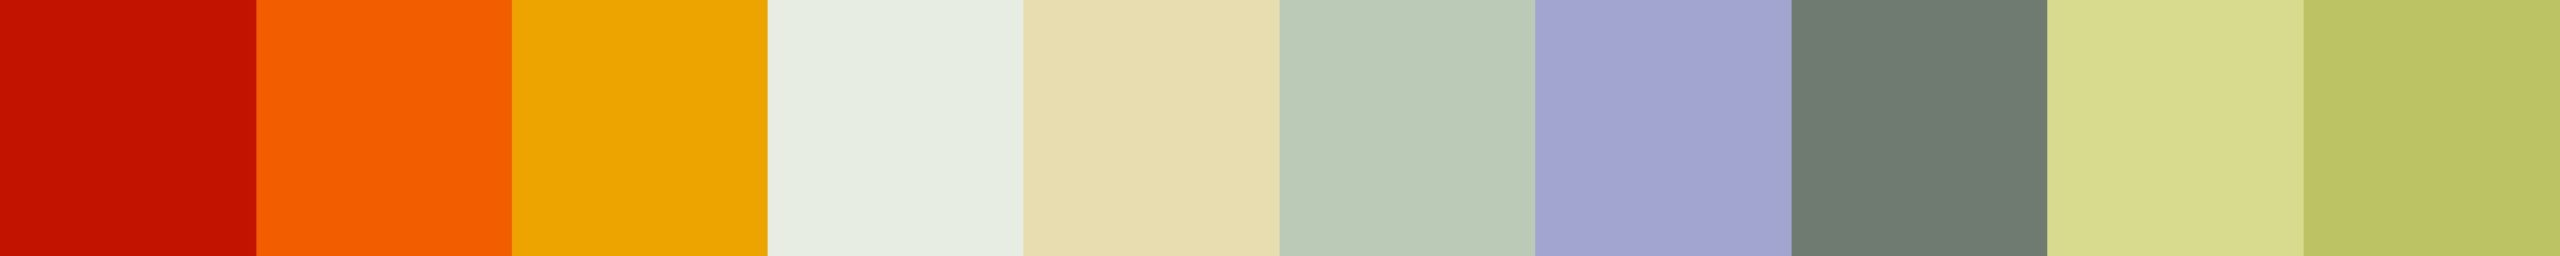 669 Wohavia Color Palette